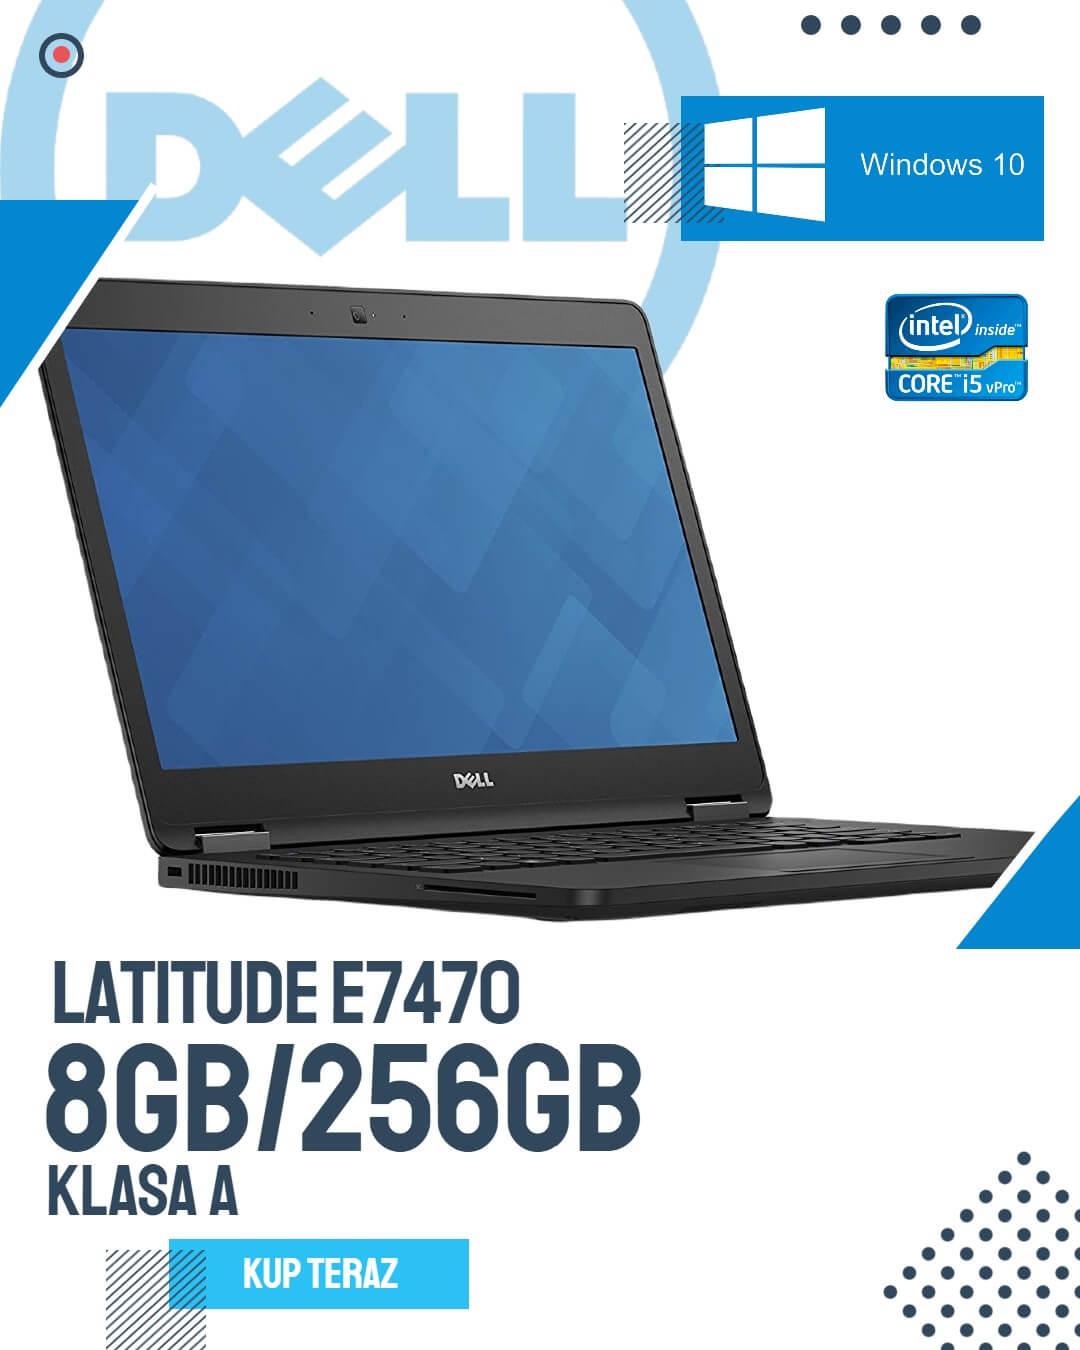 zdjecie laptopa